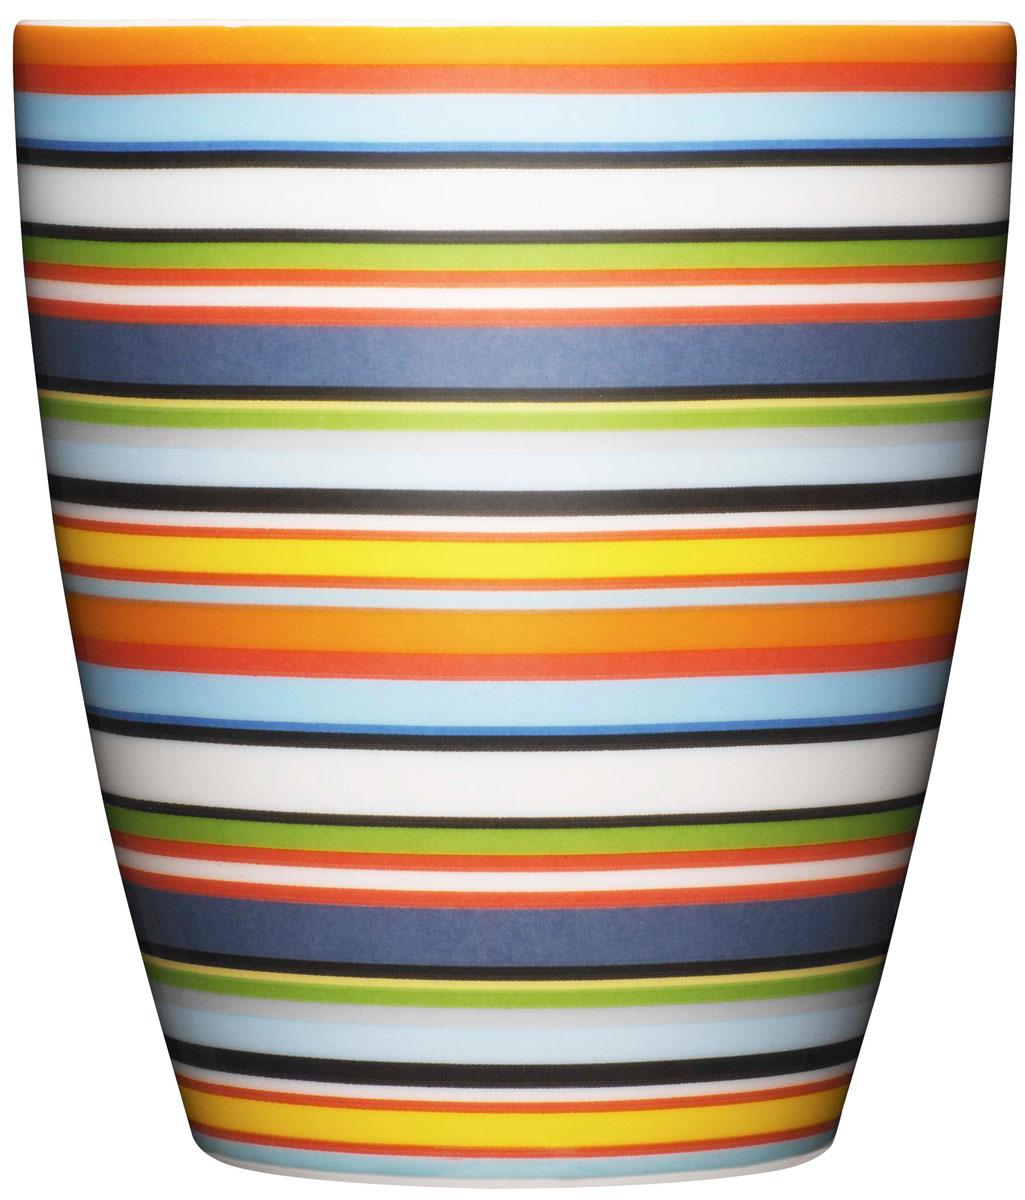 Кружка Iittala Origo, 250 мл1011822Кружка Iittala Origo выполнена из качественного жароустойчивого прочного фарфора. Она имеет яркий дизайн, поэтому будет стильно выглядеть на любой кухне. Можно мыть в посудомоечной машине.Объем:: 250 мл.